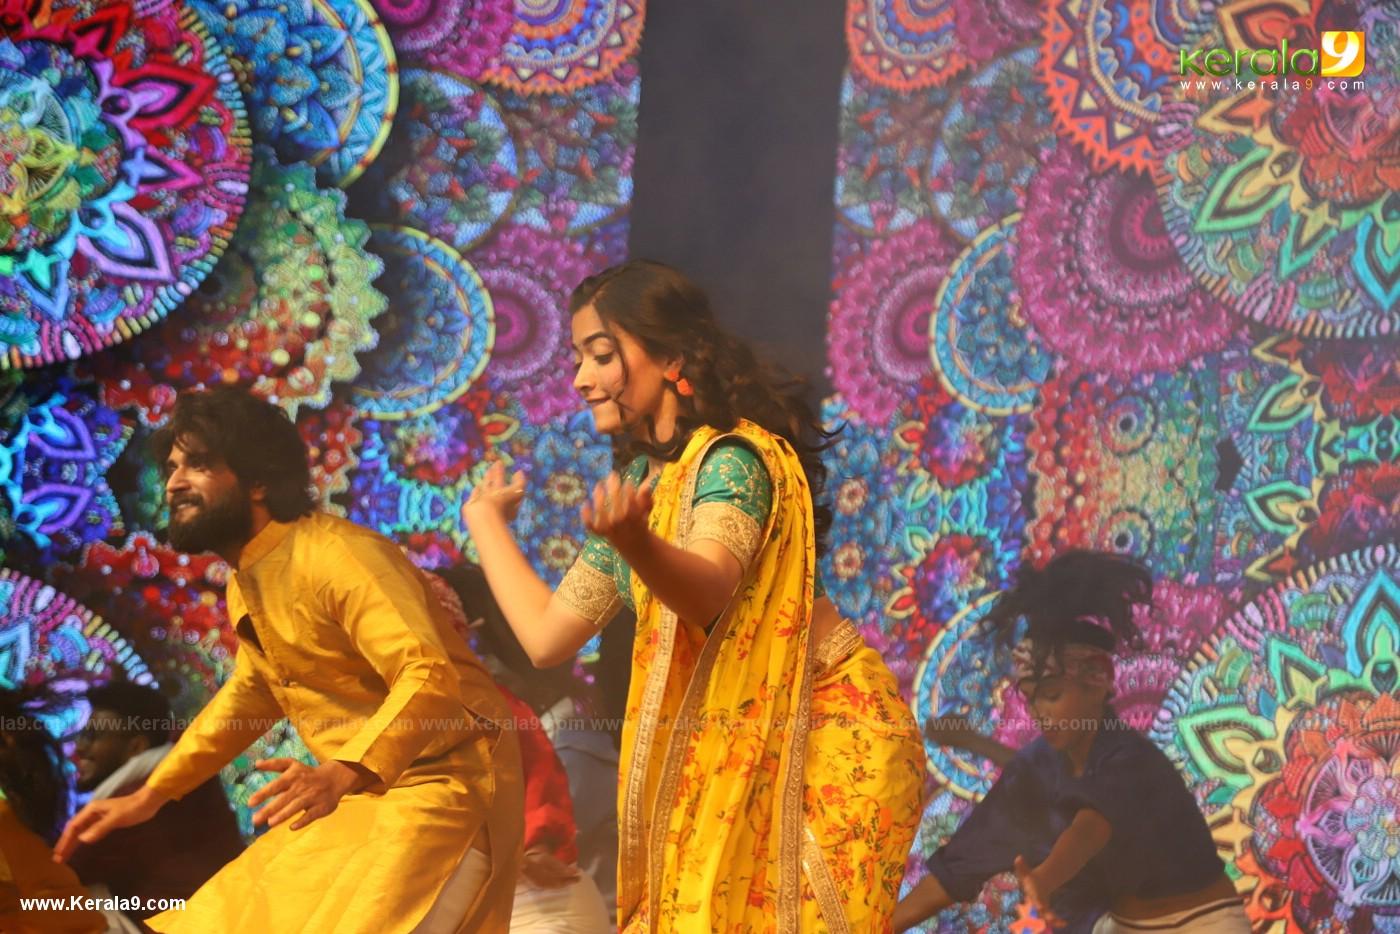 Vijay Devarakonda dance at Dear Comrade movie premotion kerala kochi photos 127 1 - Kerala9.com